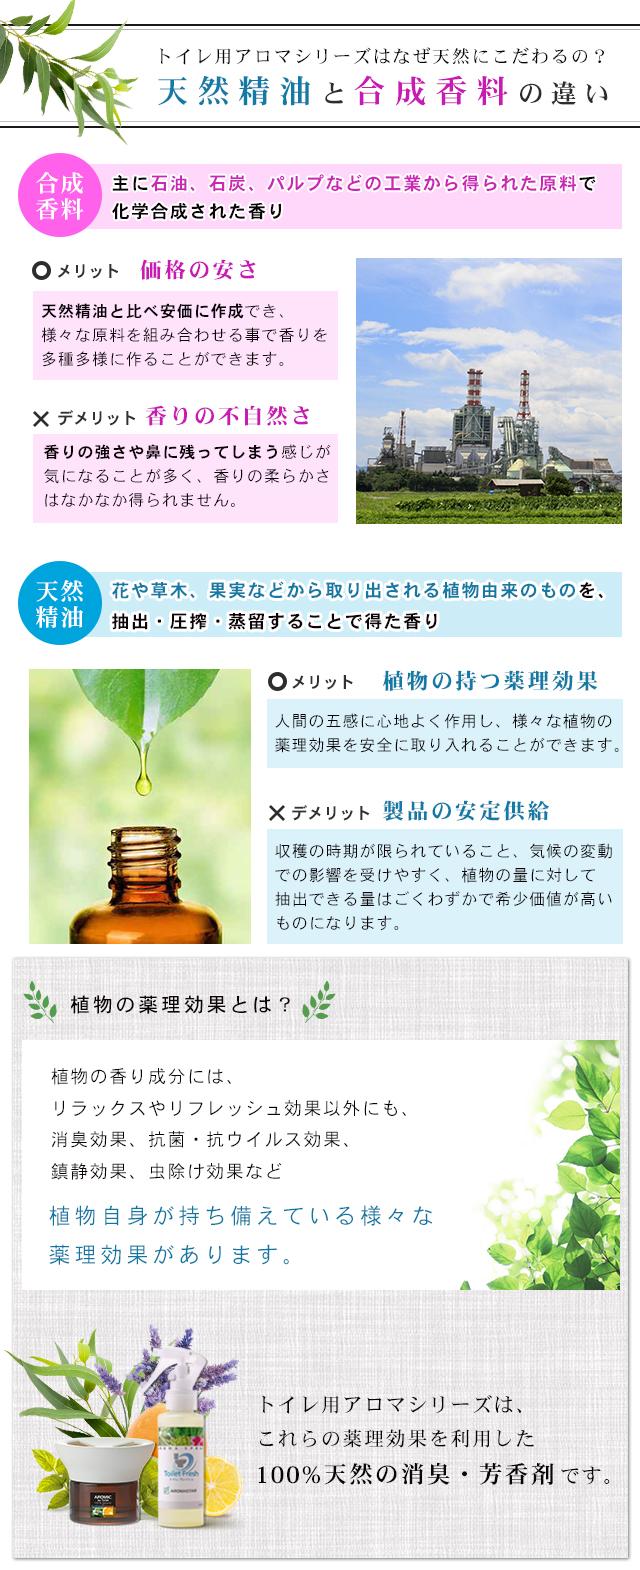 天然精油と合成香料の違い